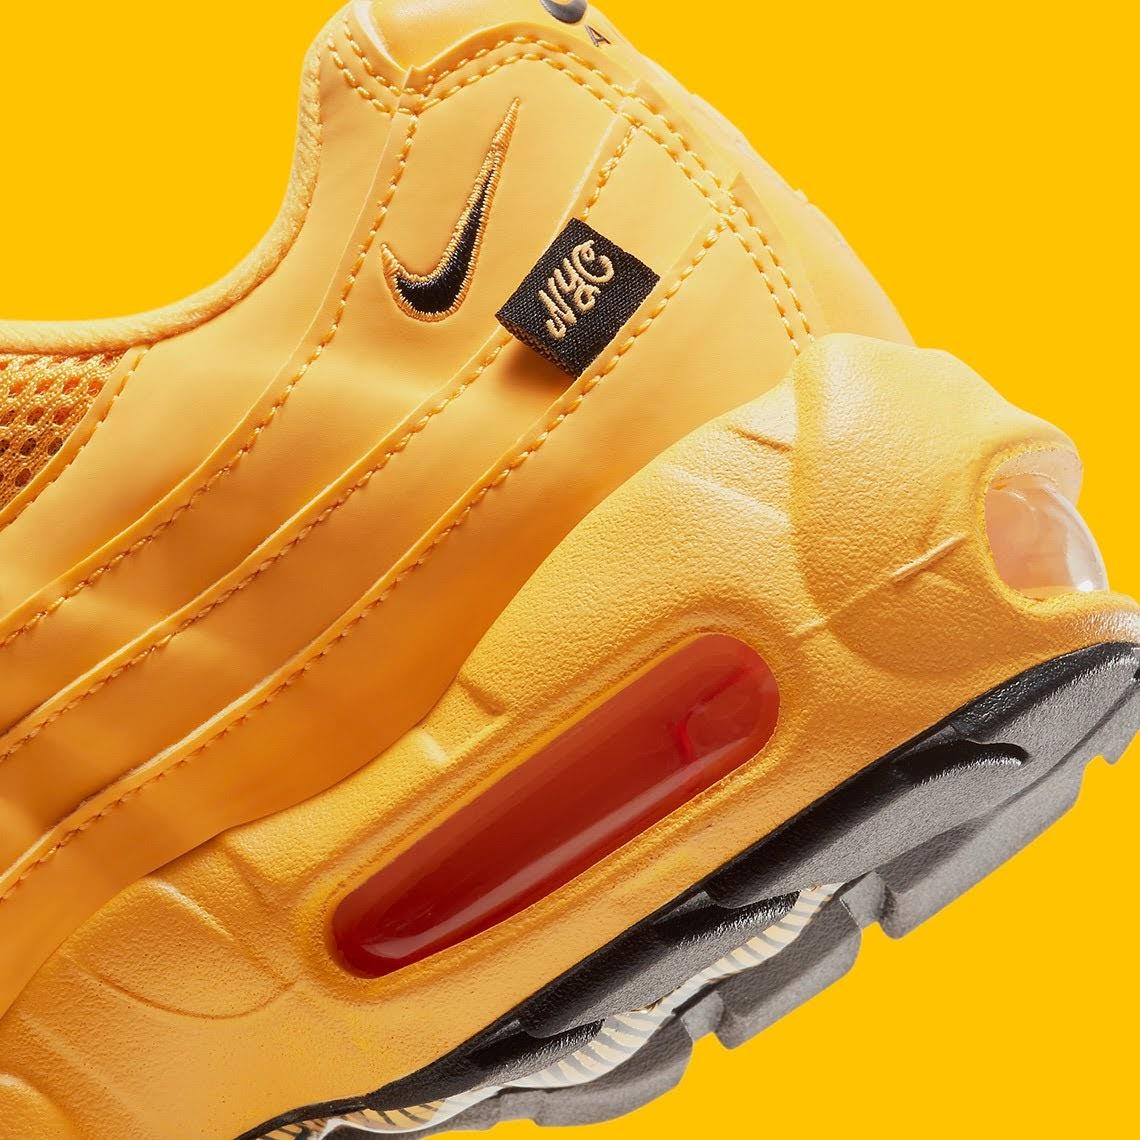 """ナイキ エア マックス 95 """"ニューヨークシティ タクシー"""" Nike-Air-Max-95-GS-NYC-Taxi-DH0147-700-side-heel-closeup"""